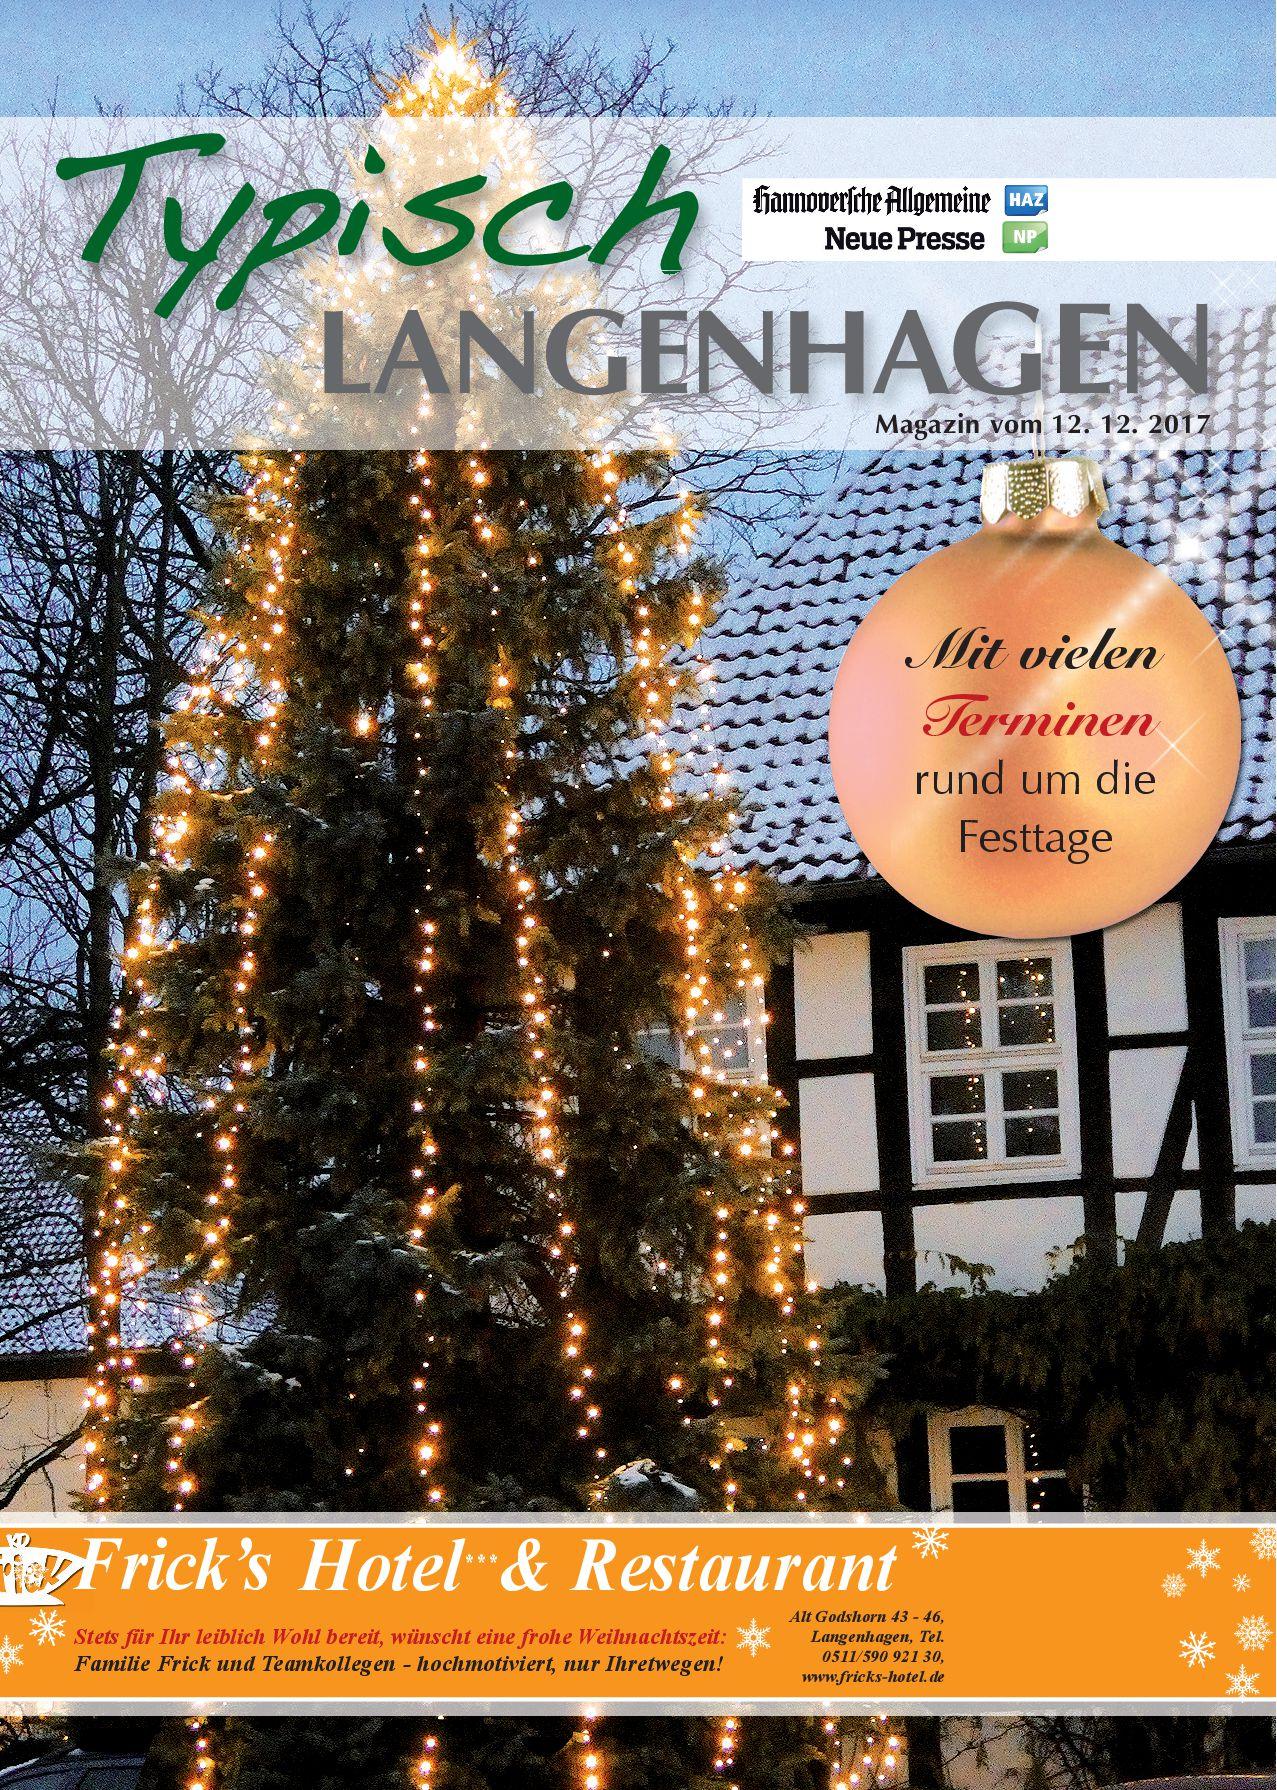 langenhagen-vom-12-12-2017